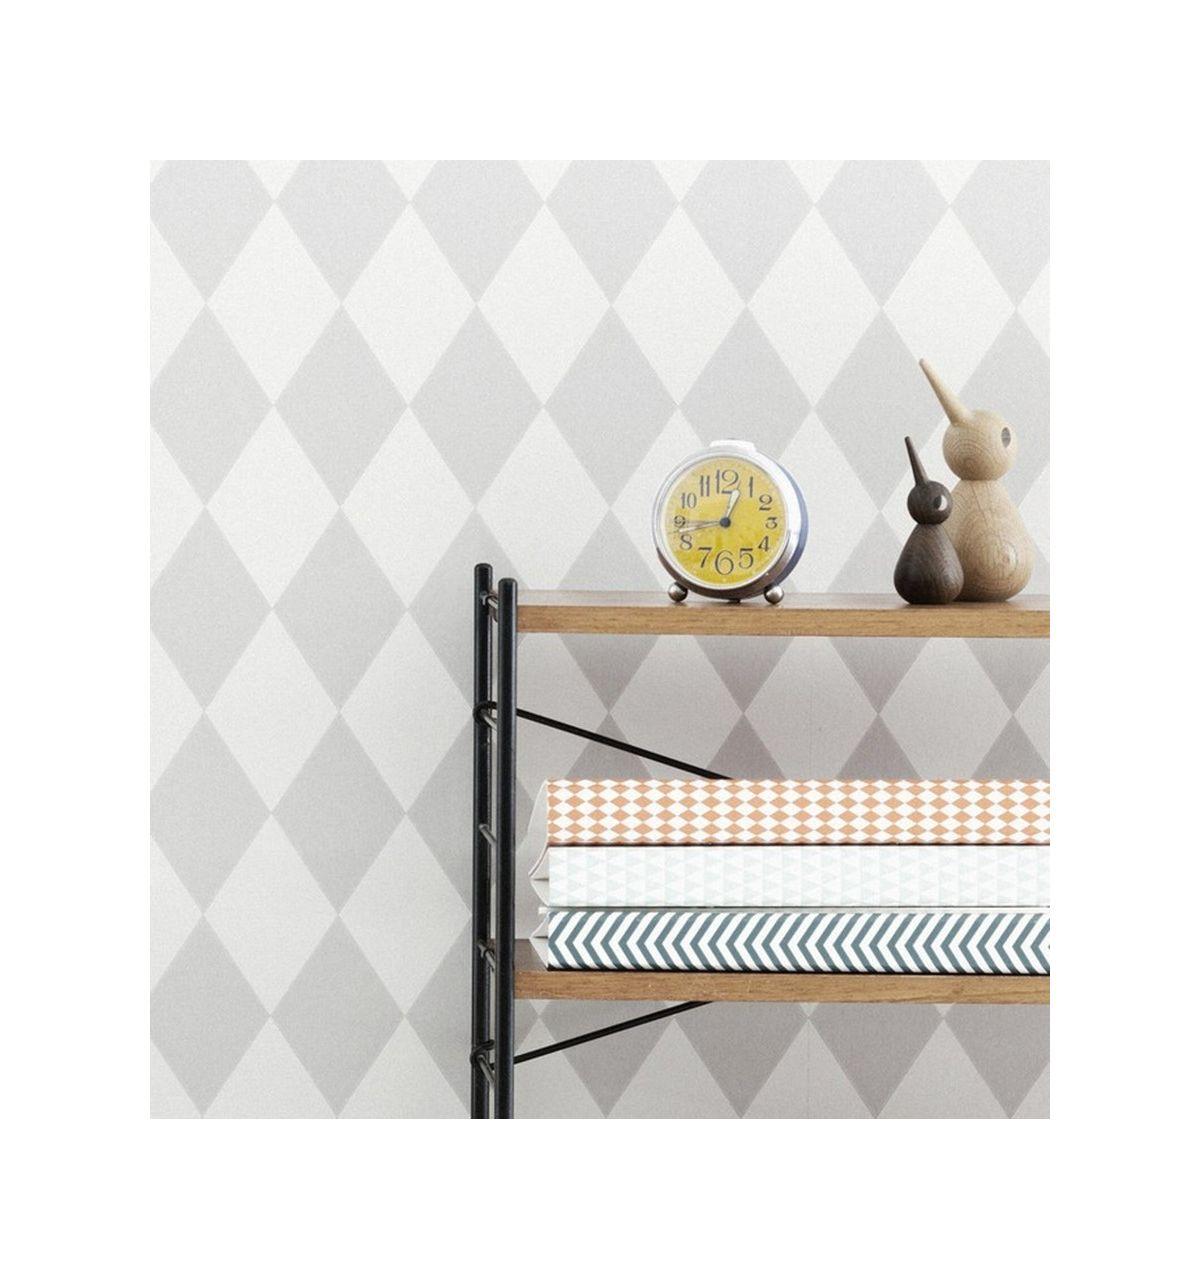 ferm living wallpaper for kids harlequin grey. Black Bedroom Furniture Sets. Home Design Ideas